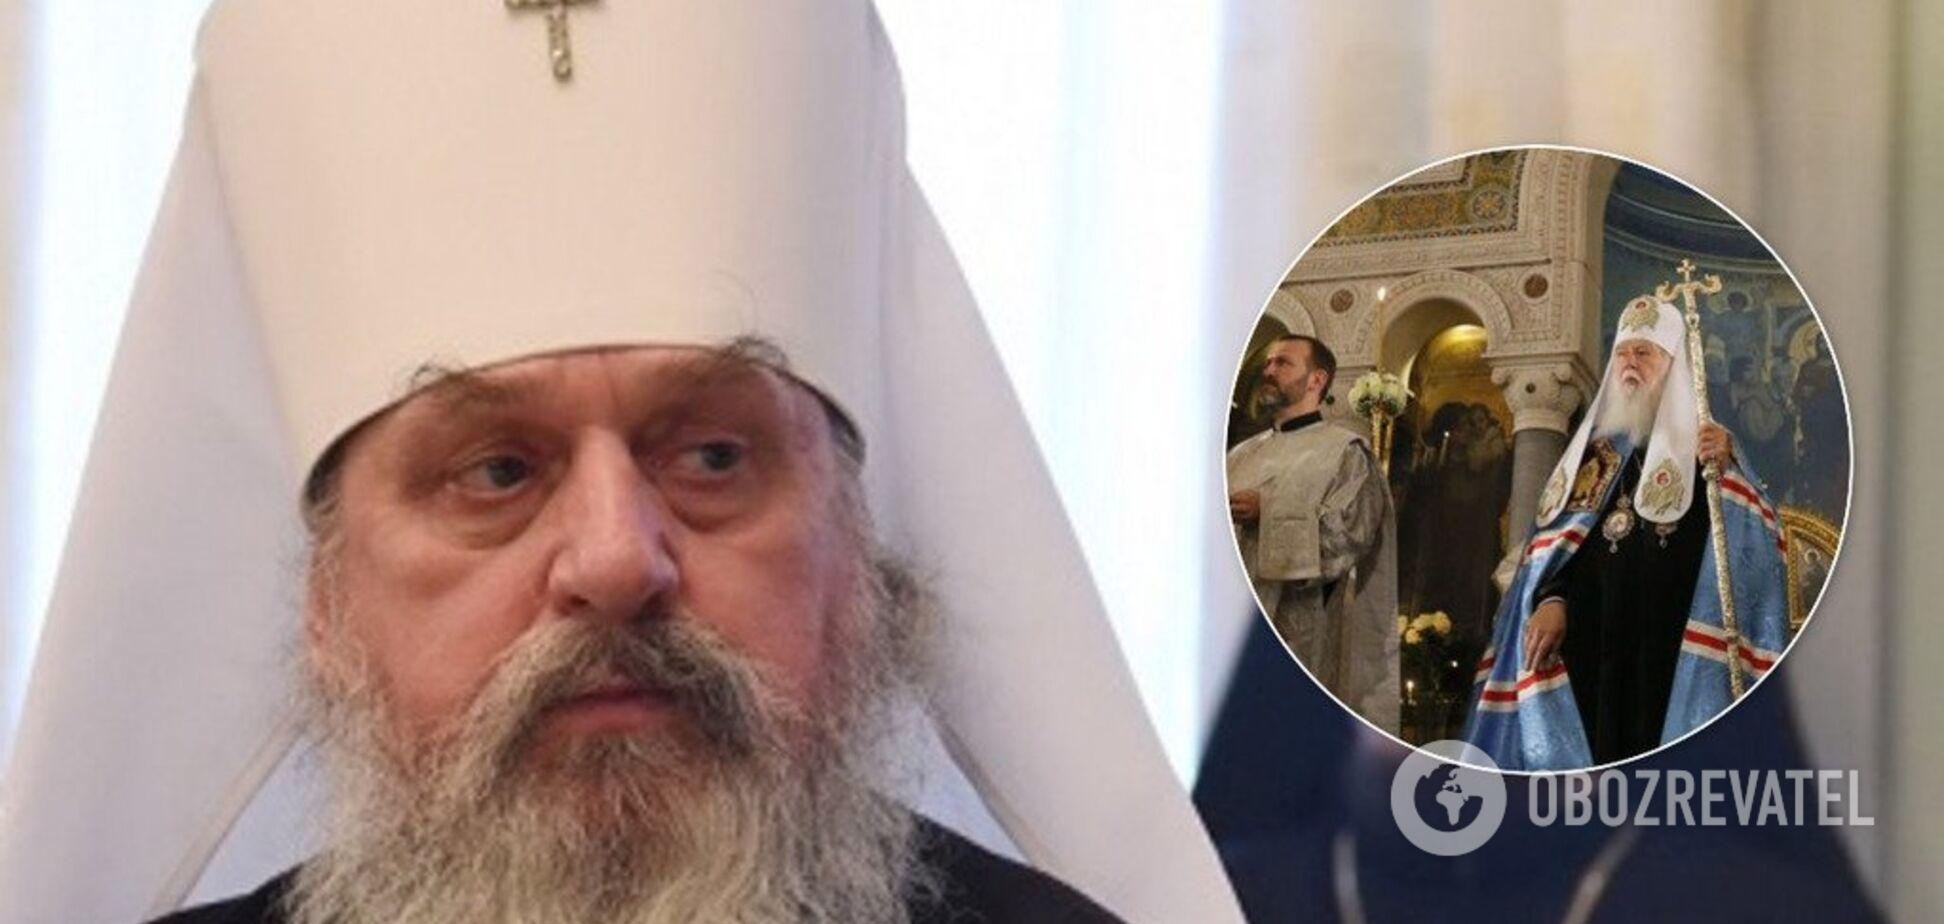 Вслед за Филаретом: еще один священнослужитель открестился от Поместного собора